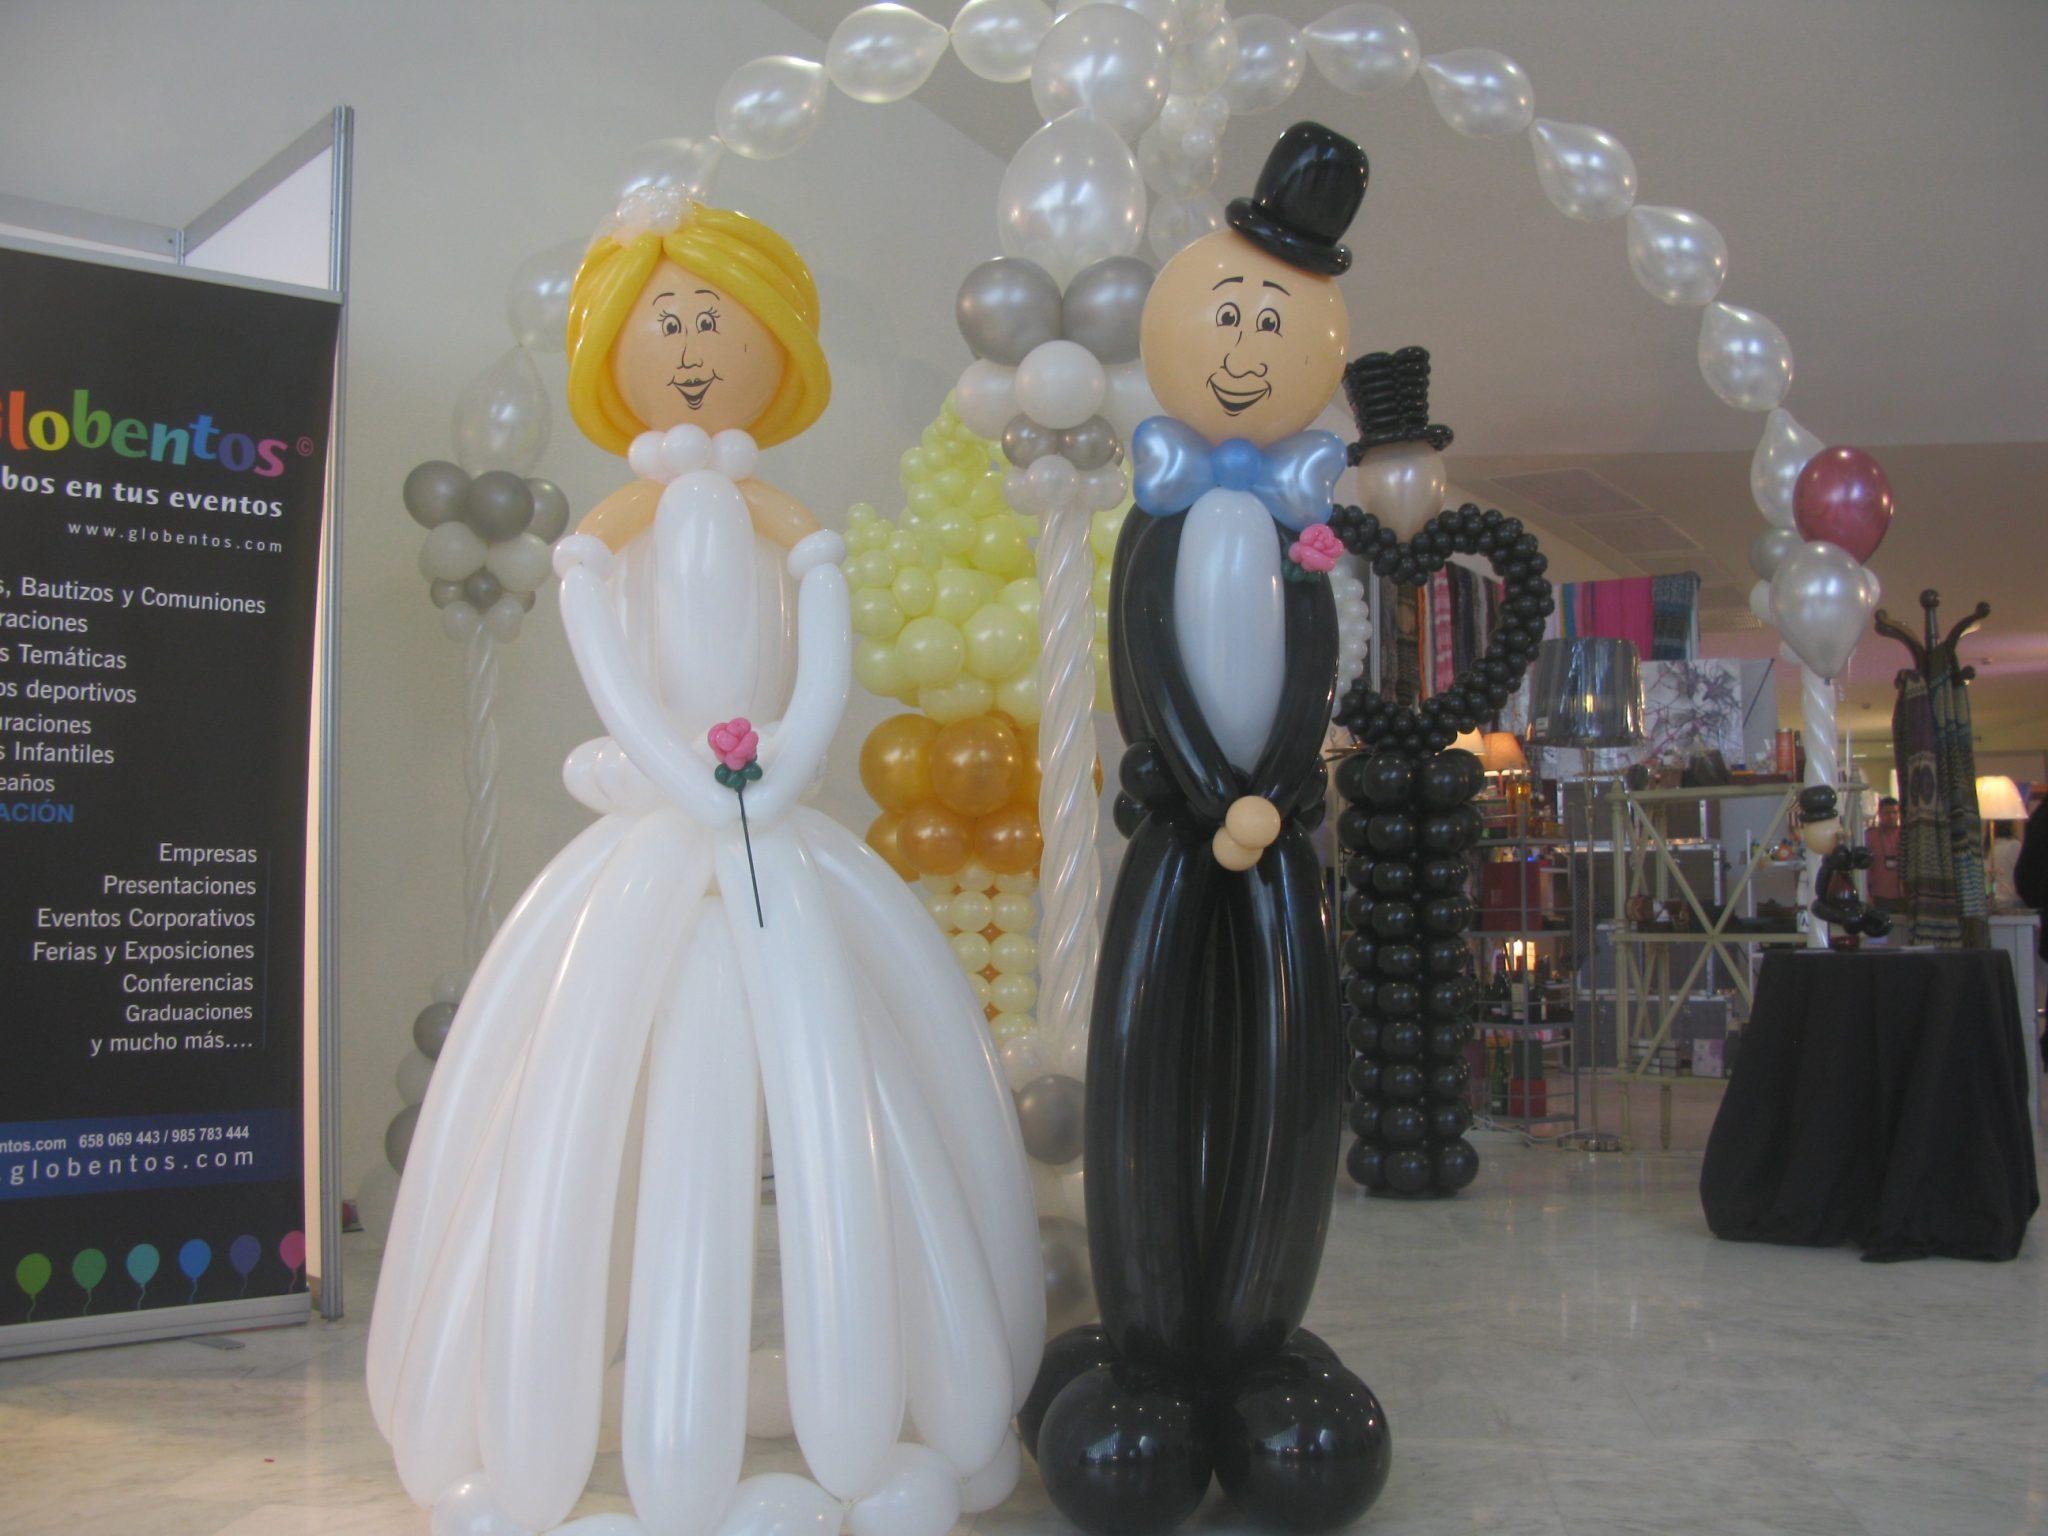 decoraciones-con-globos-para-una-boda-9